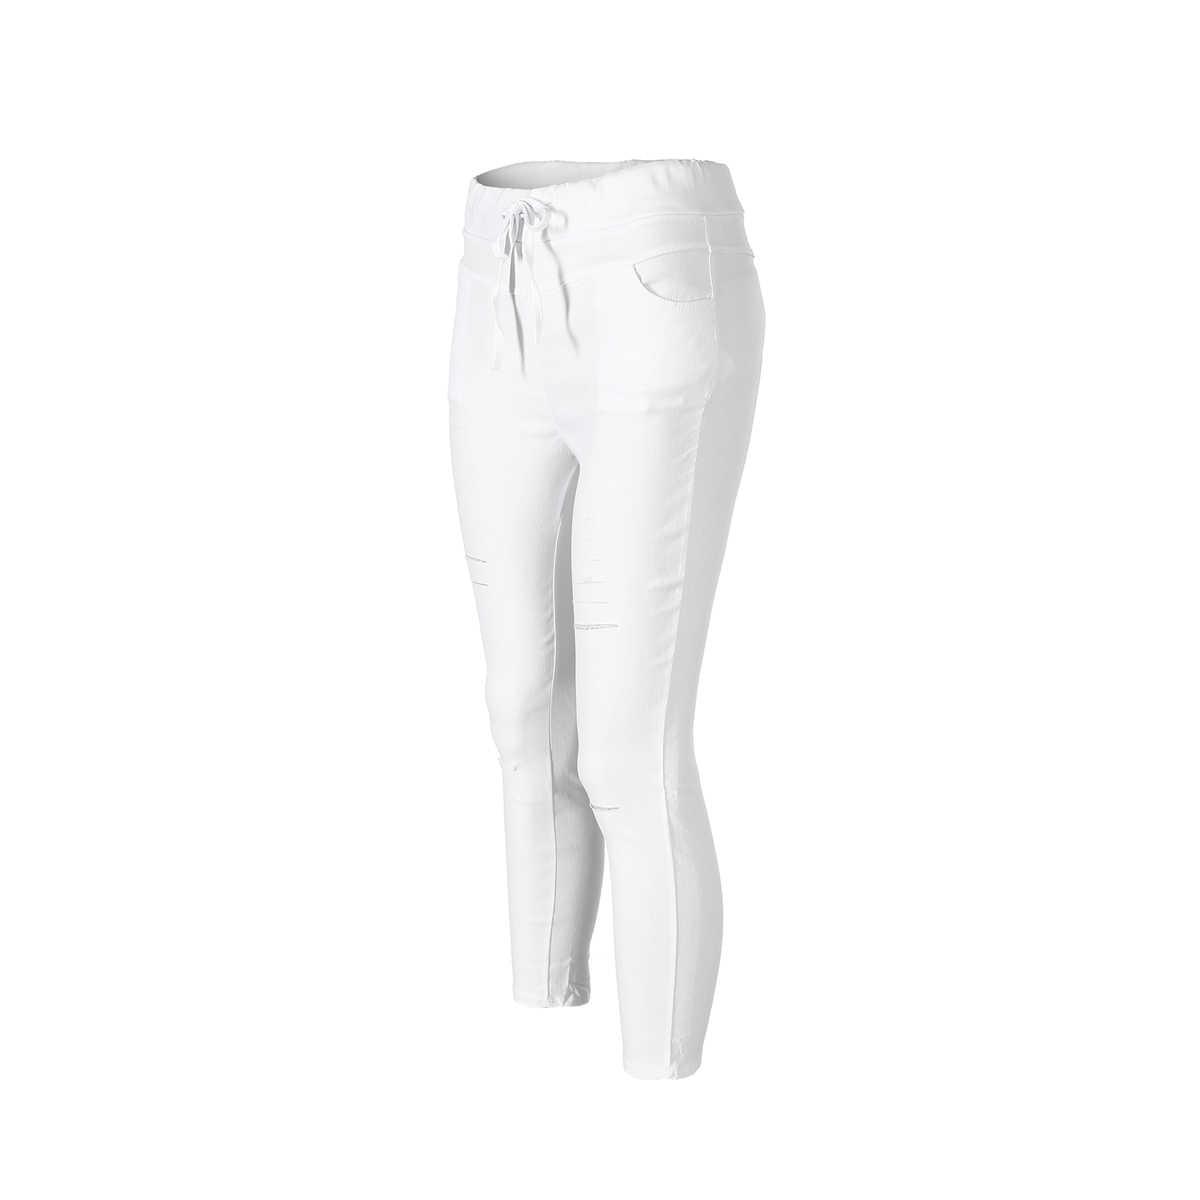 Yeni kadın sıska yırtık diz delik bandaj kot katı Ciolor moda pantolon yüksek bel streç ince kalem pantolon